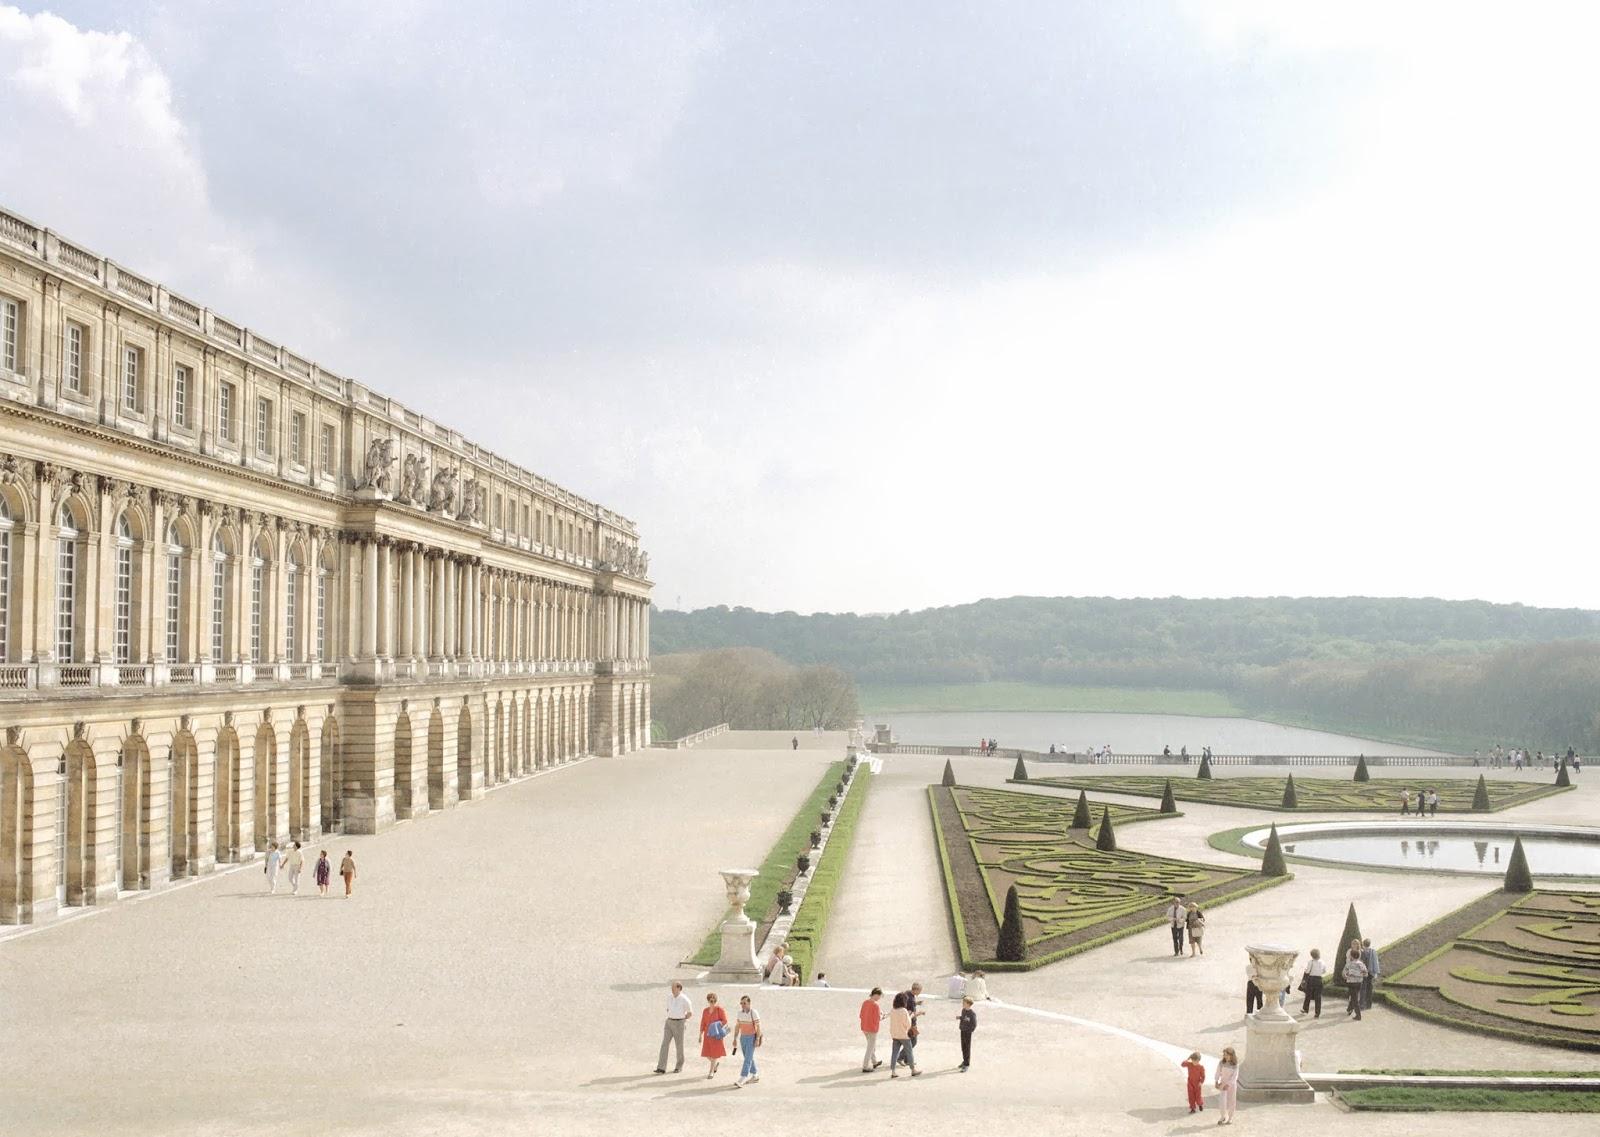 Palácio de Versalhes na França, 1985, Luigi Ghirri